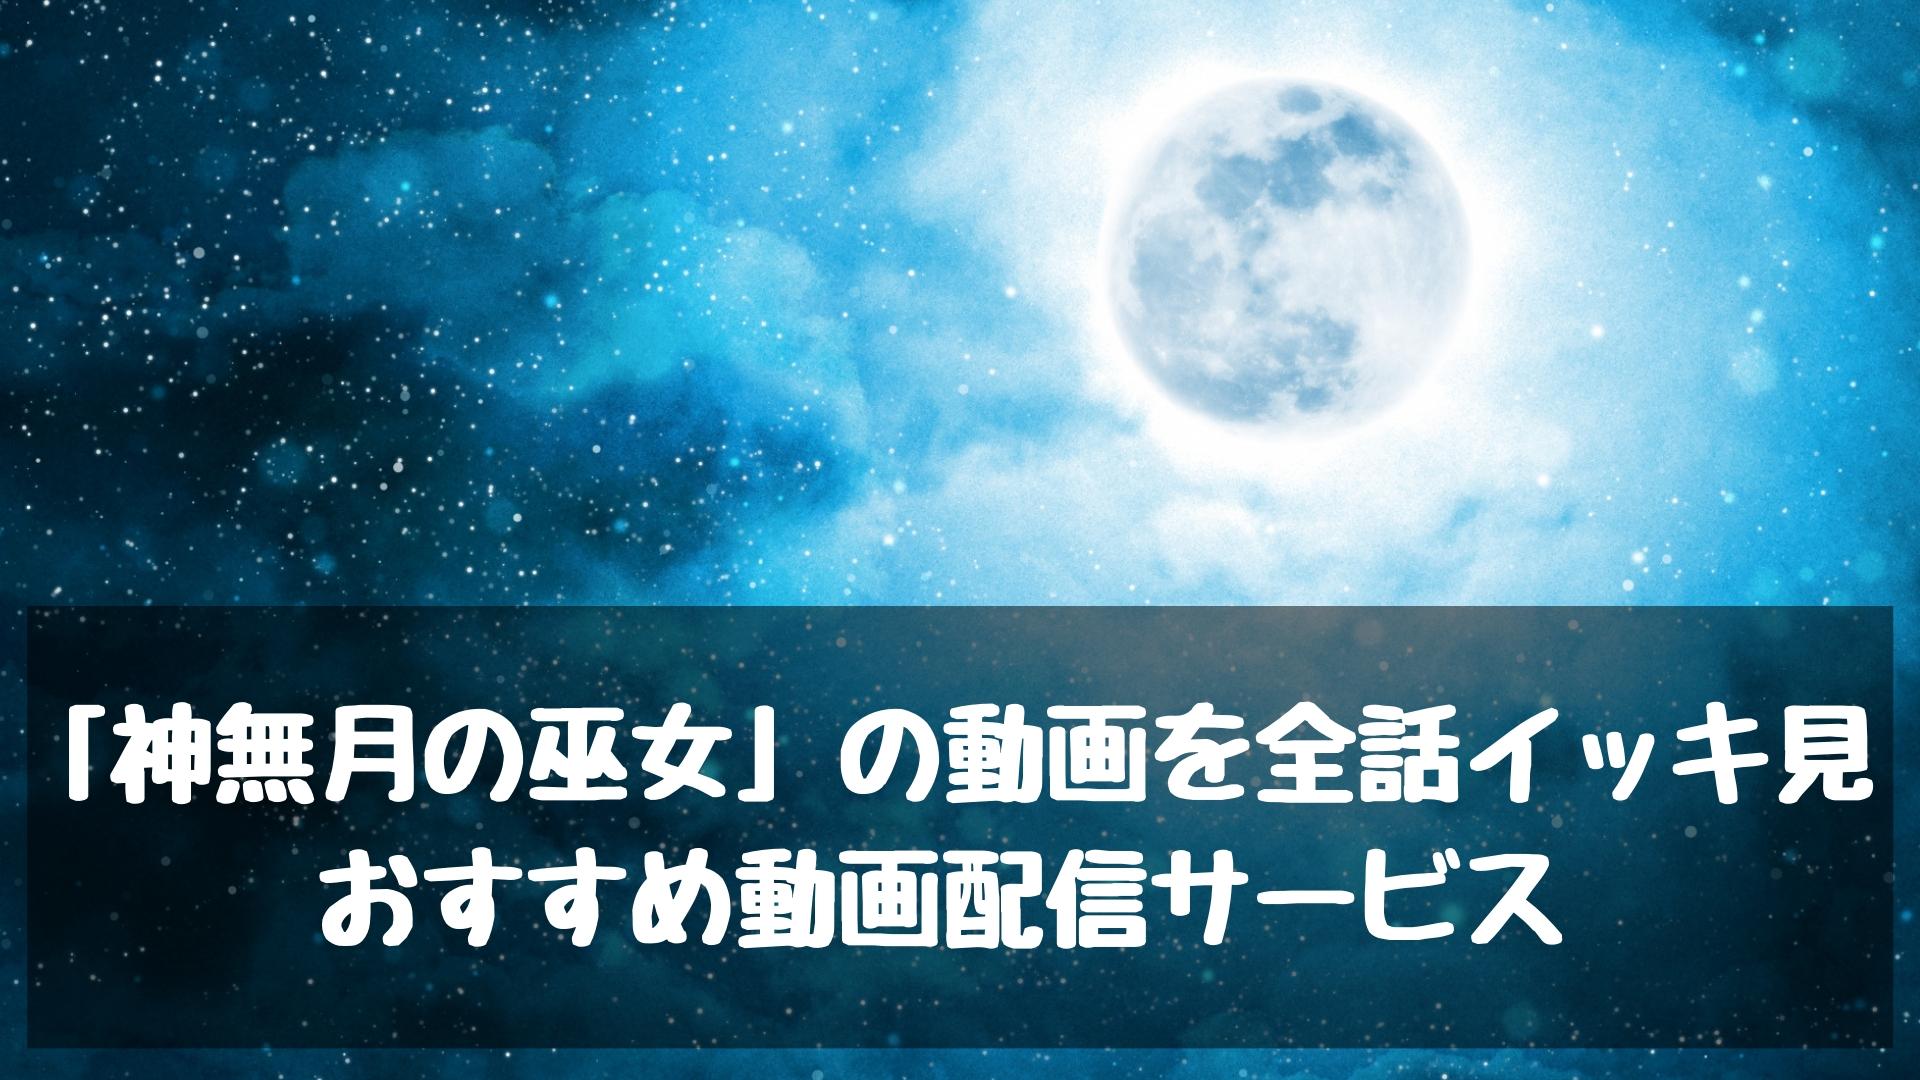 「神無月の巫女」の動画を全話高画質で視聴できる動画配信サービスは?この2つ!アマゾンプライム、dアニメストア